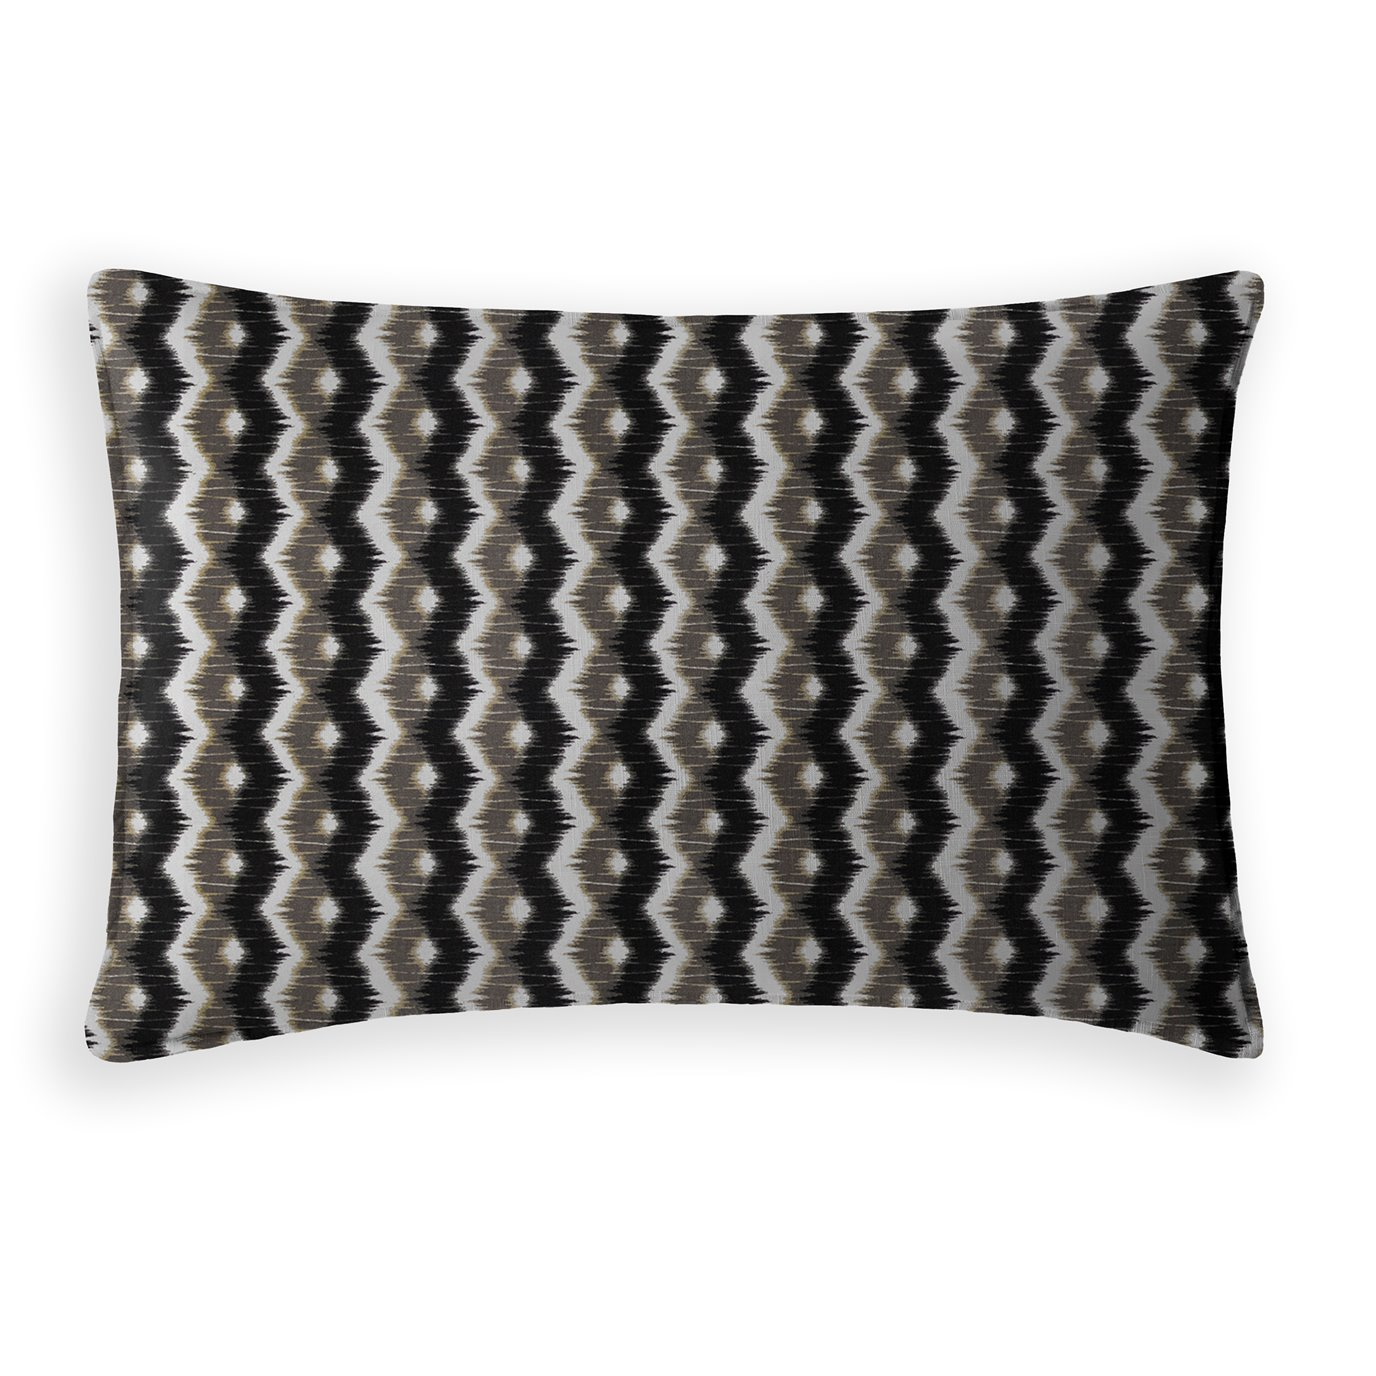 Nelson Pillow Sham - Standard/Queen